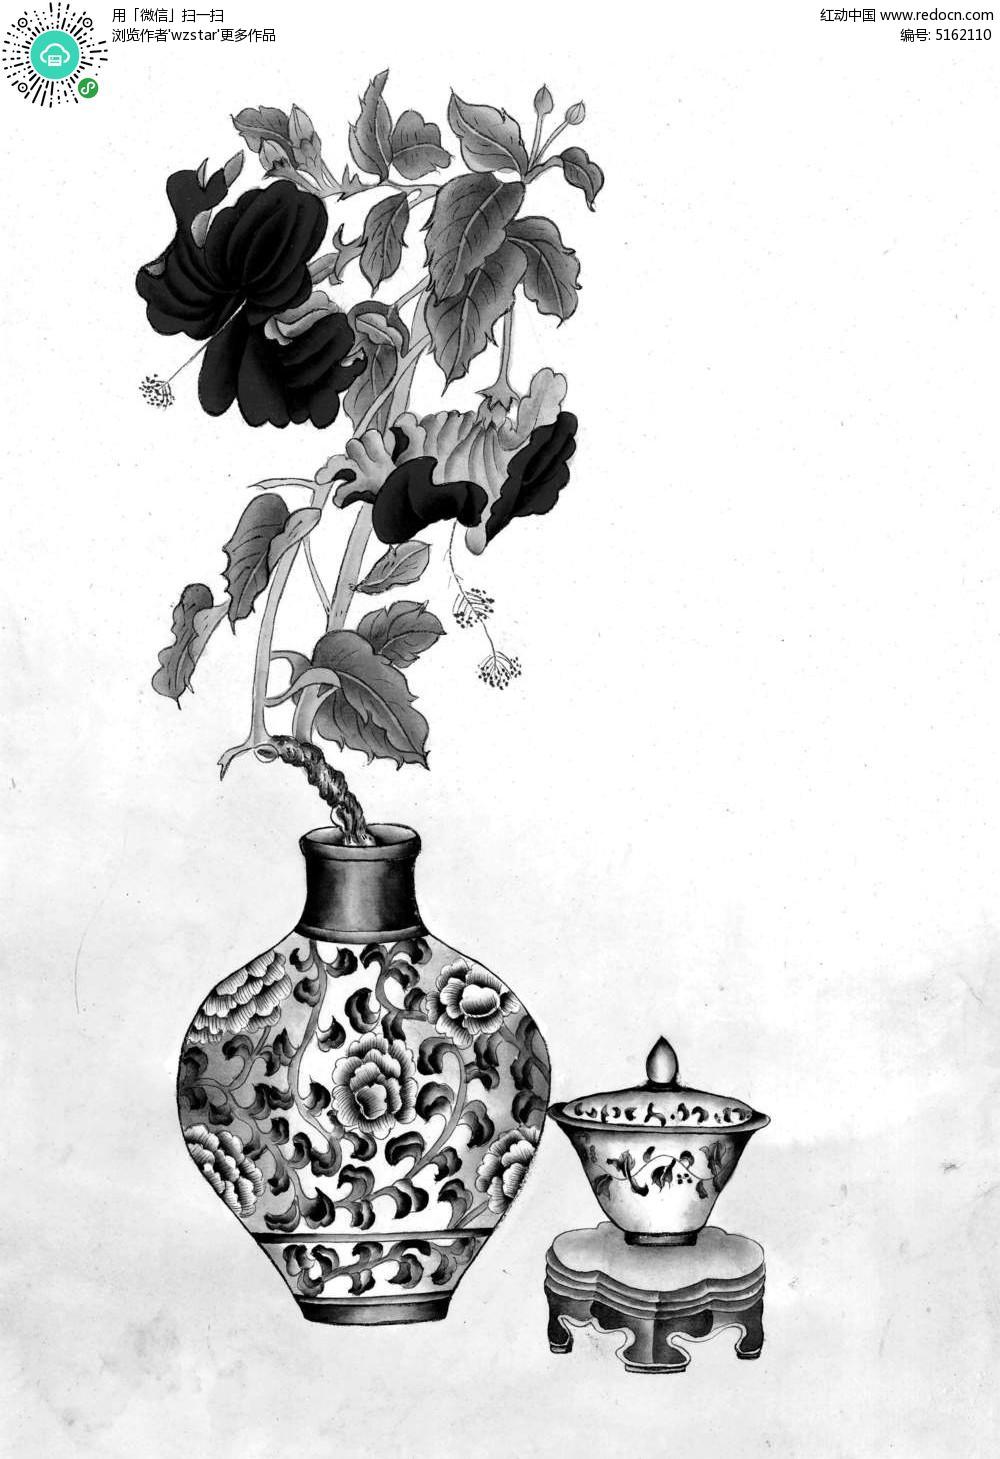 镂空花瓶装饰山水画TIF素材免费下载 编号5162110 红动网